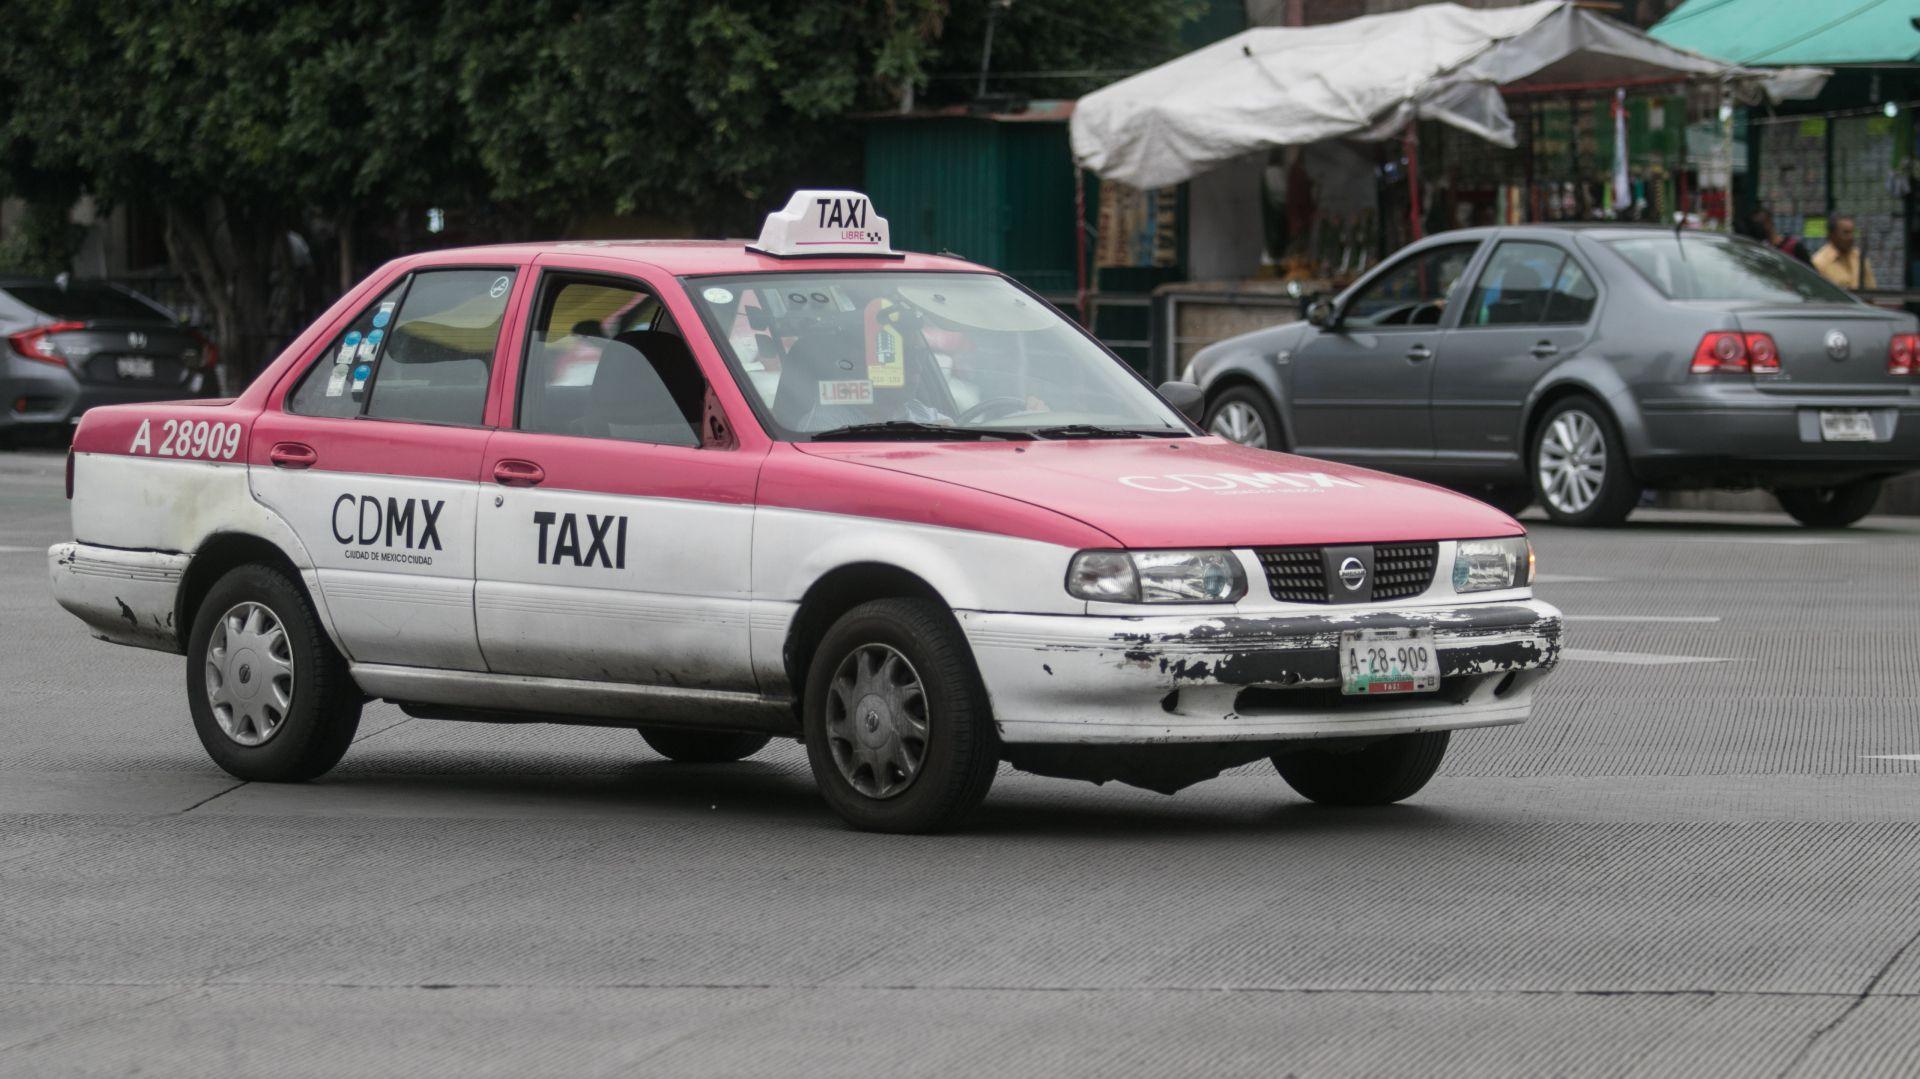 Conductores y vehículos que operan como taxis han sido involucrados en los últimos meses en delitos de secuestro (Foto: Isaac Esquivel /Cuartoscuro)